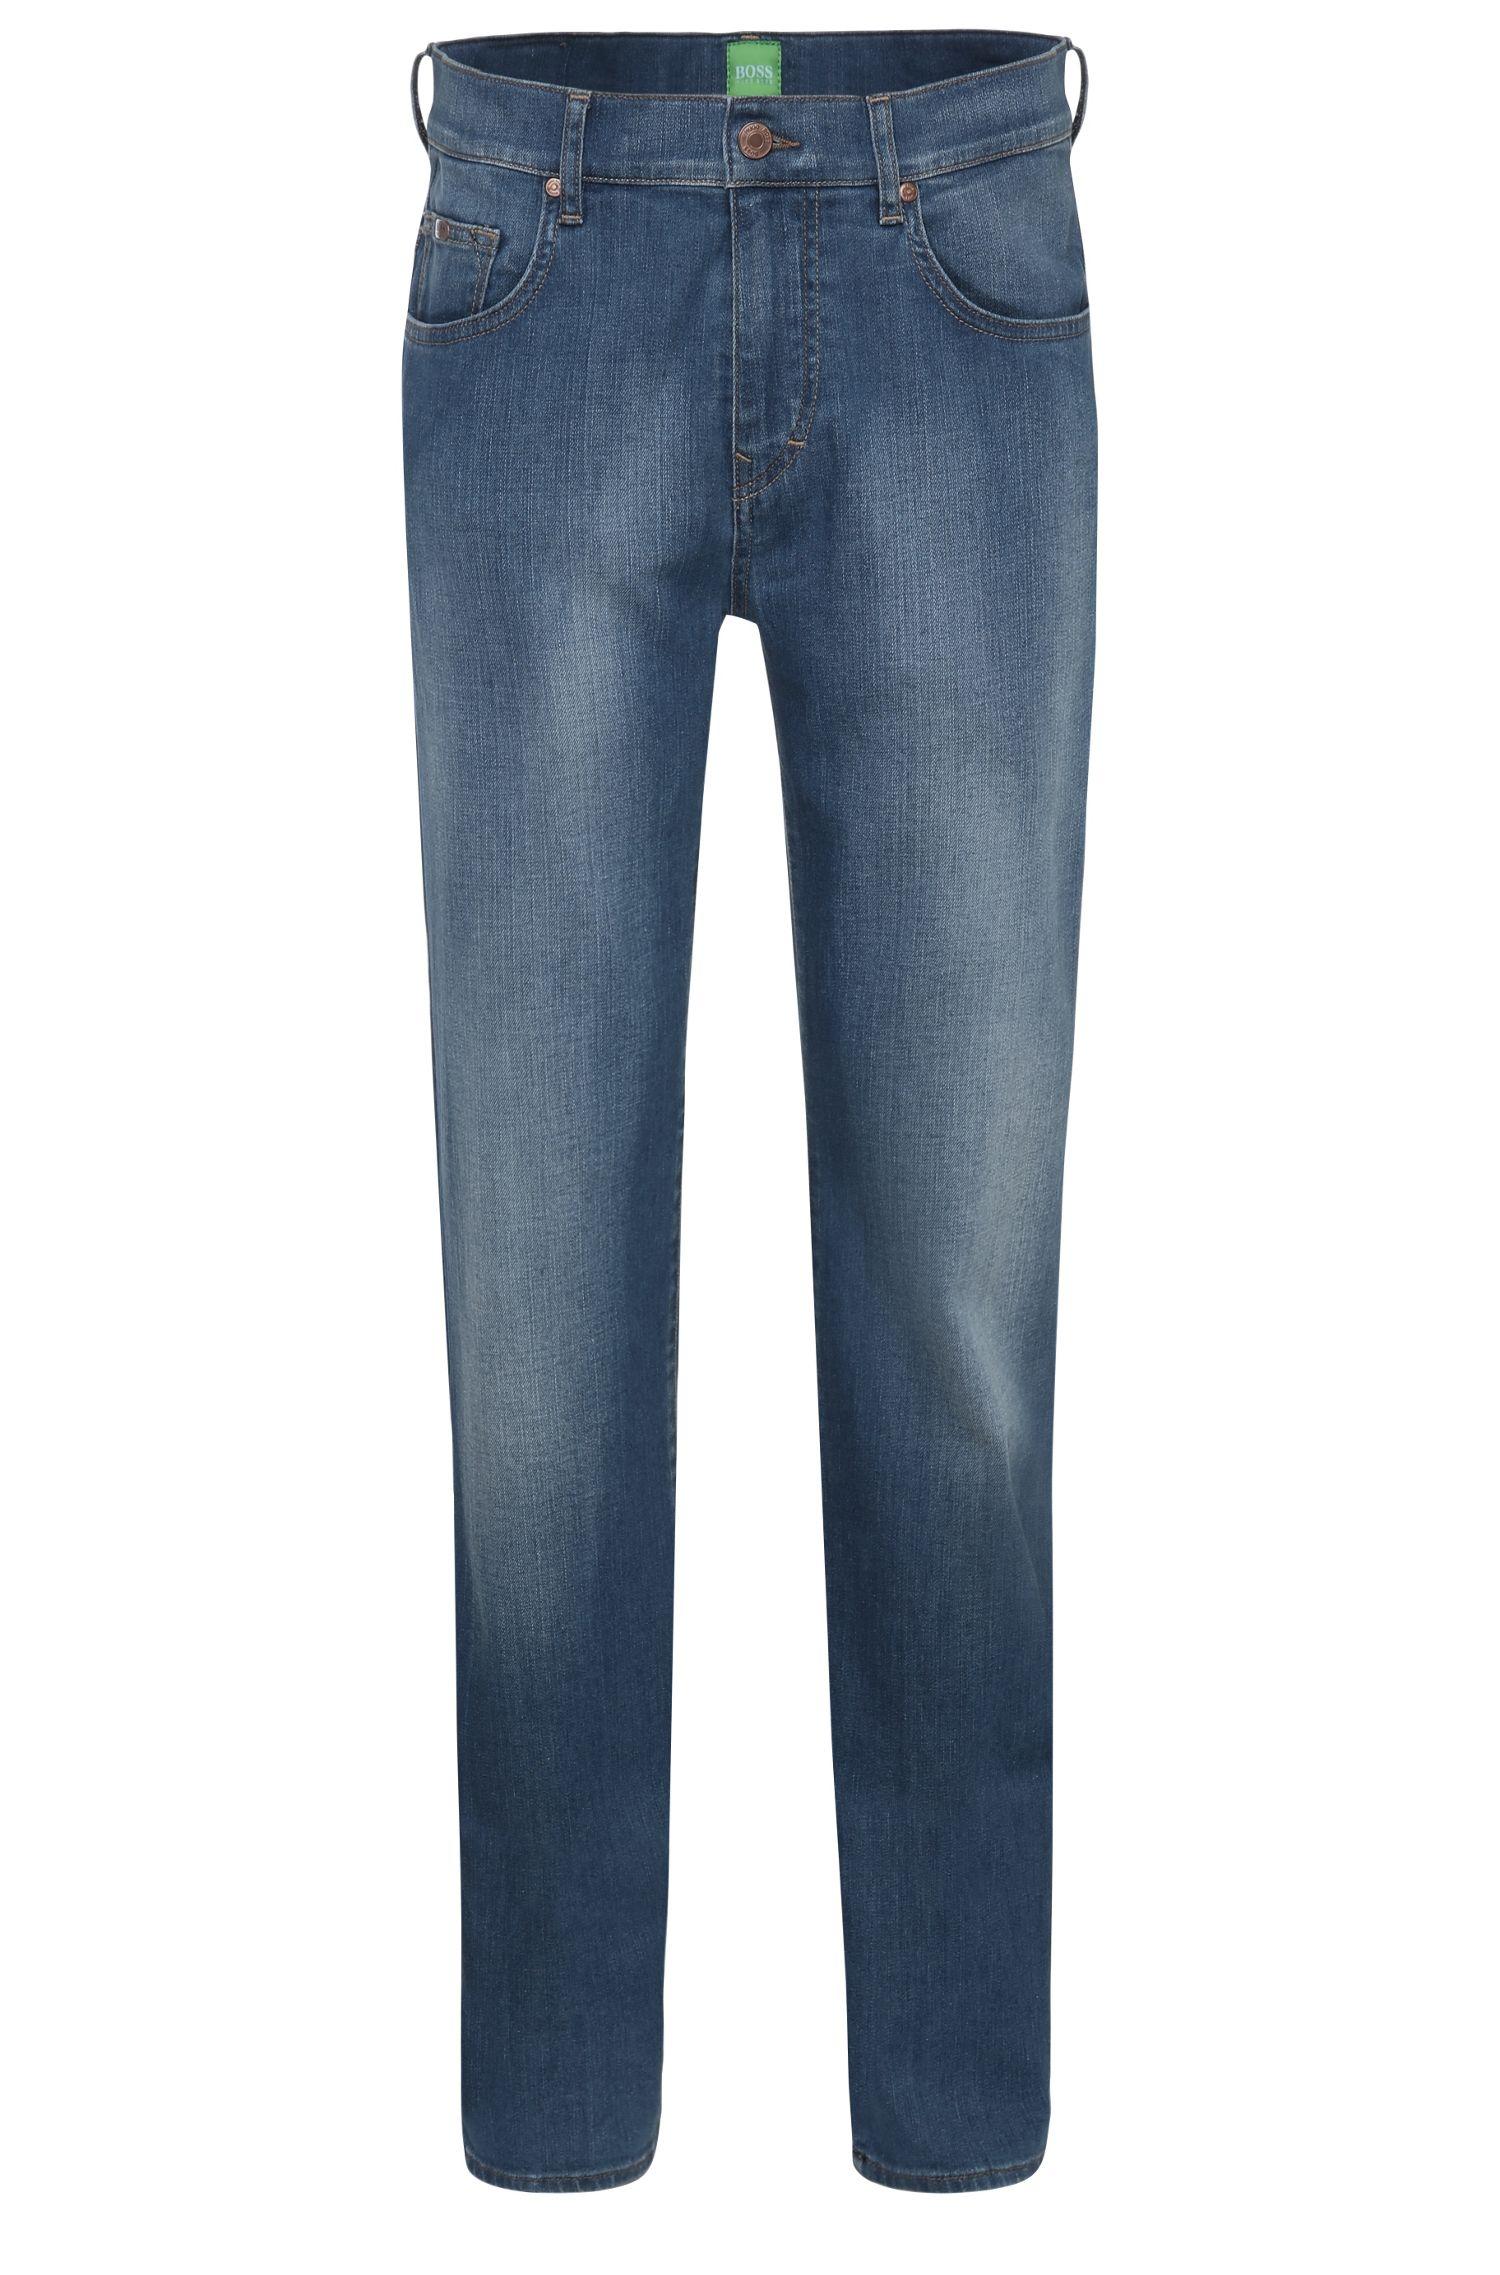 Verwaschene Relaxed-Fit Jeans aus Baumwoll-Mix mit Elasthan: ´C-KANSAS`